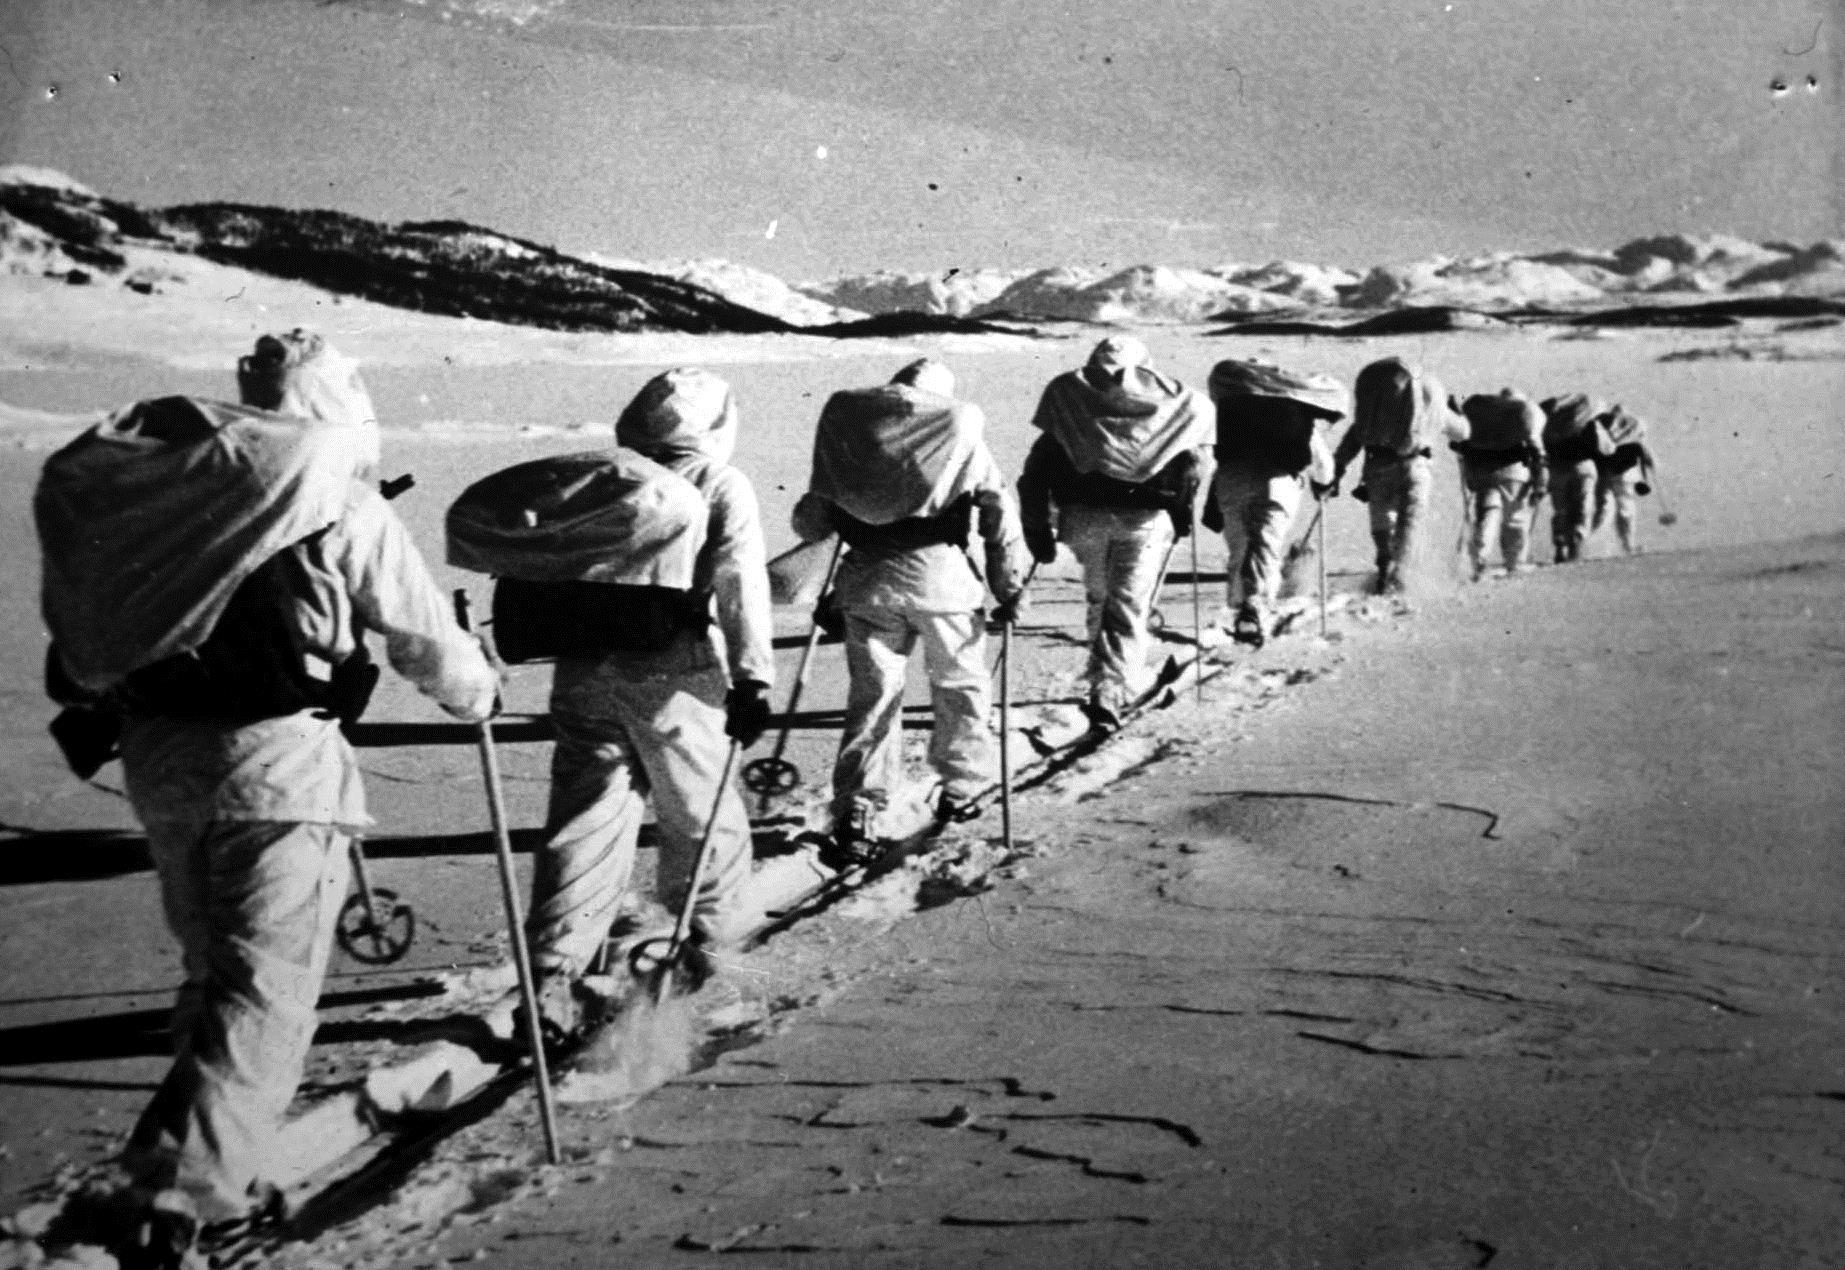 Sabotørstien er veien de verdensberømte norske motstandsfolkene brukte under 2. verdenskrig for å ta seg fram fra Hardangervidda, og ned de bratte juvene til Vemork for å sprenge tungtvannsfabrikken.  , © visitRjukan AS